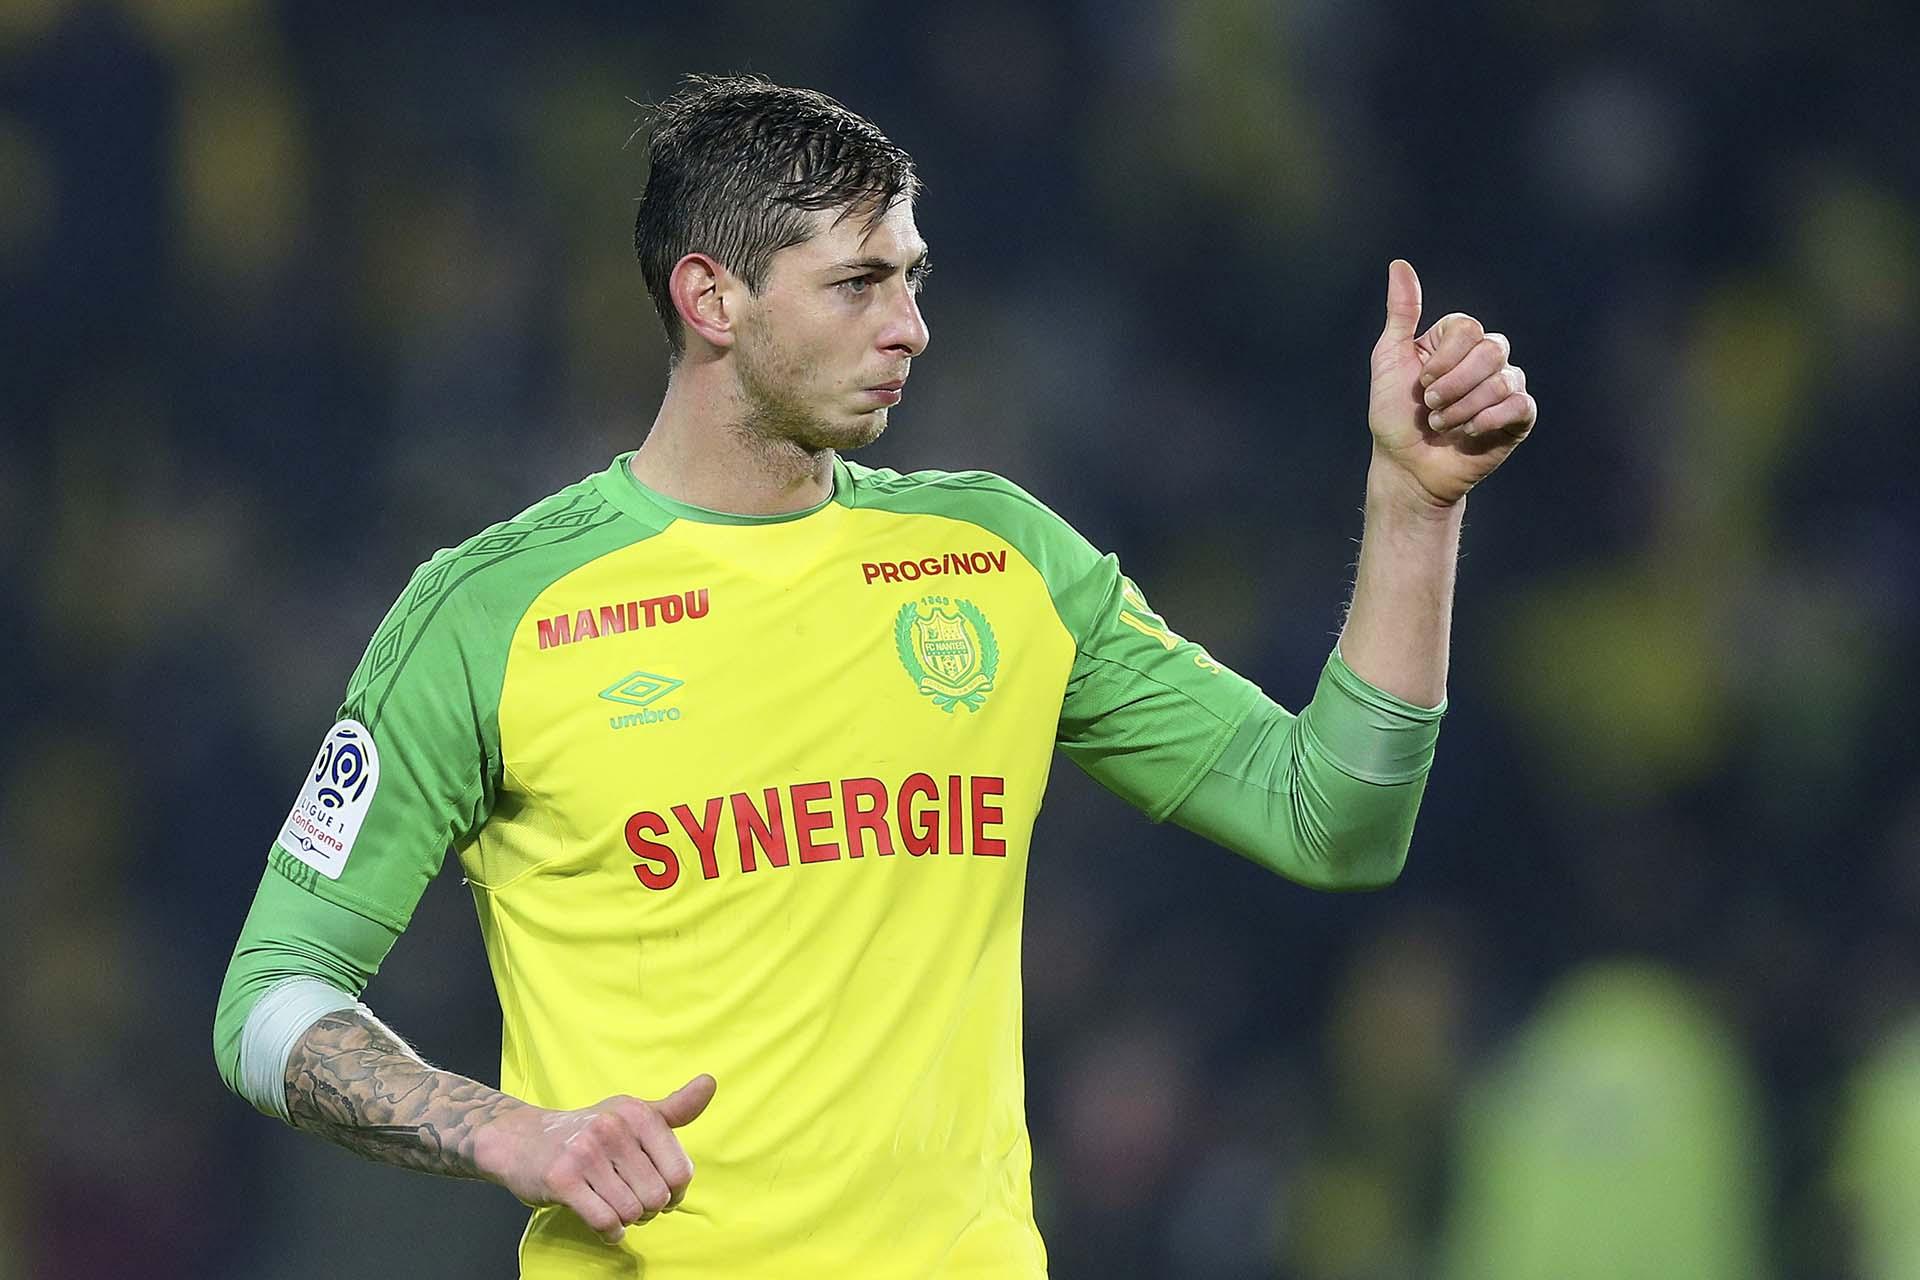 En Nantes se consolidó como una de las figuras de la Ligue 1